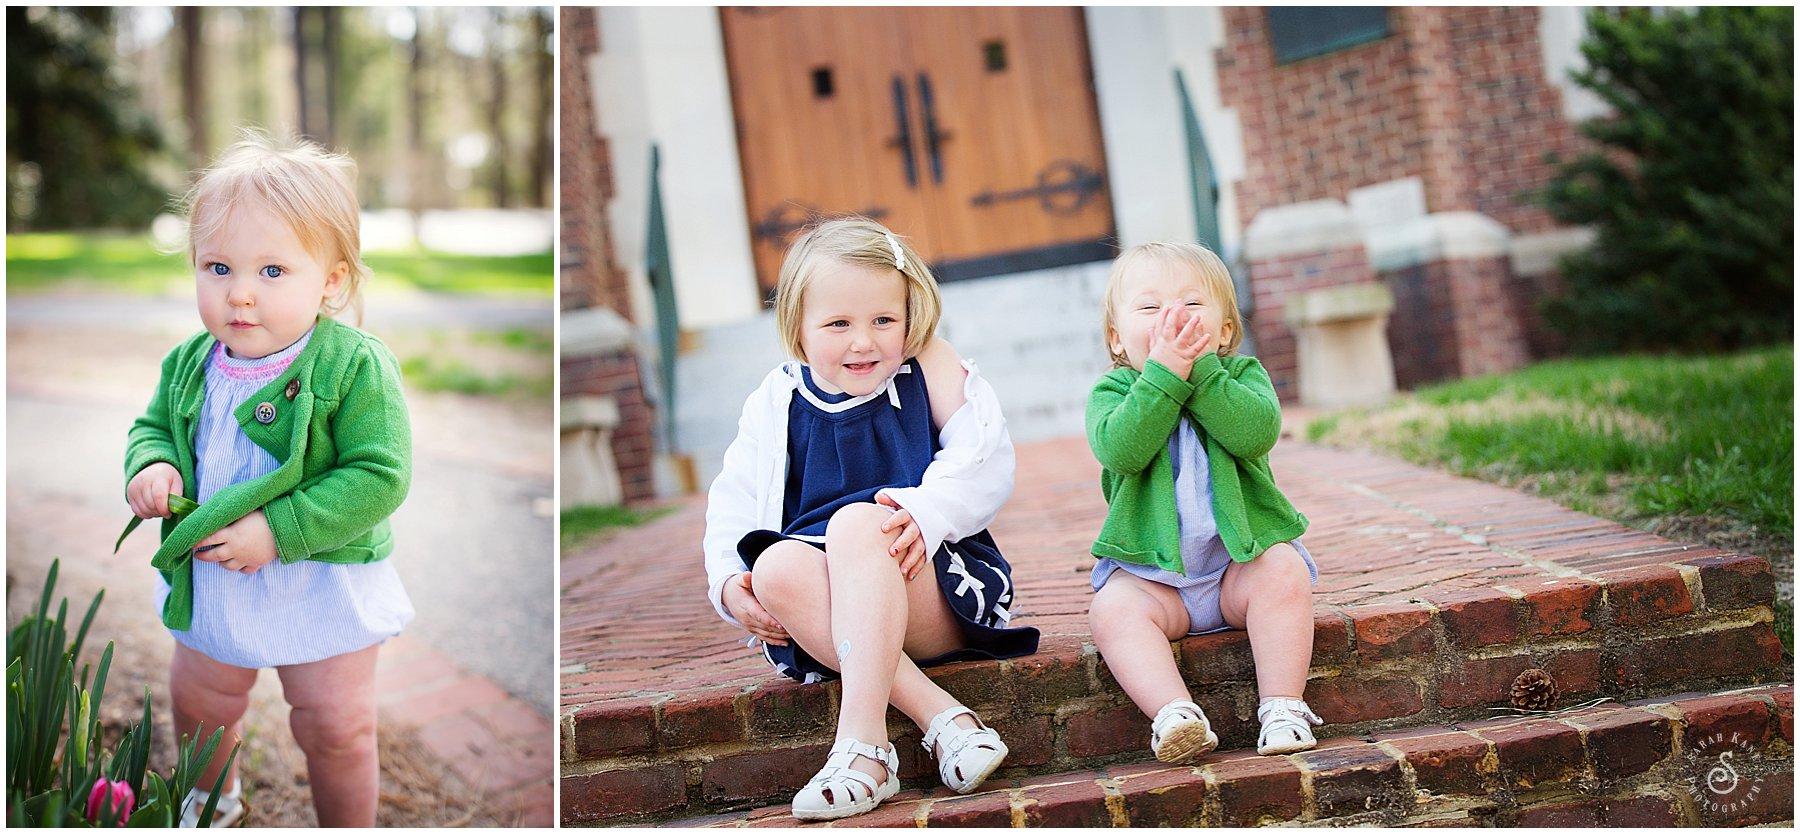 1PrudenSpring2015-Children'sPortraitsinRichmondVirginia103.jpg